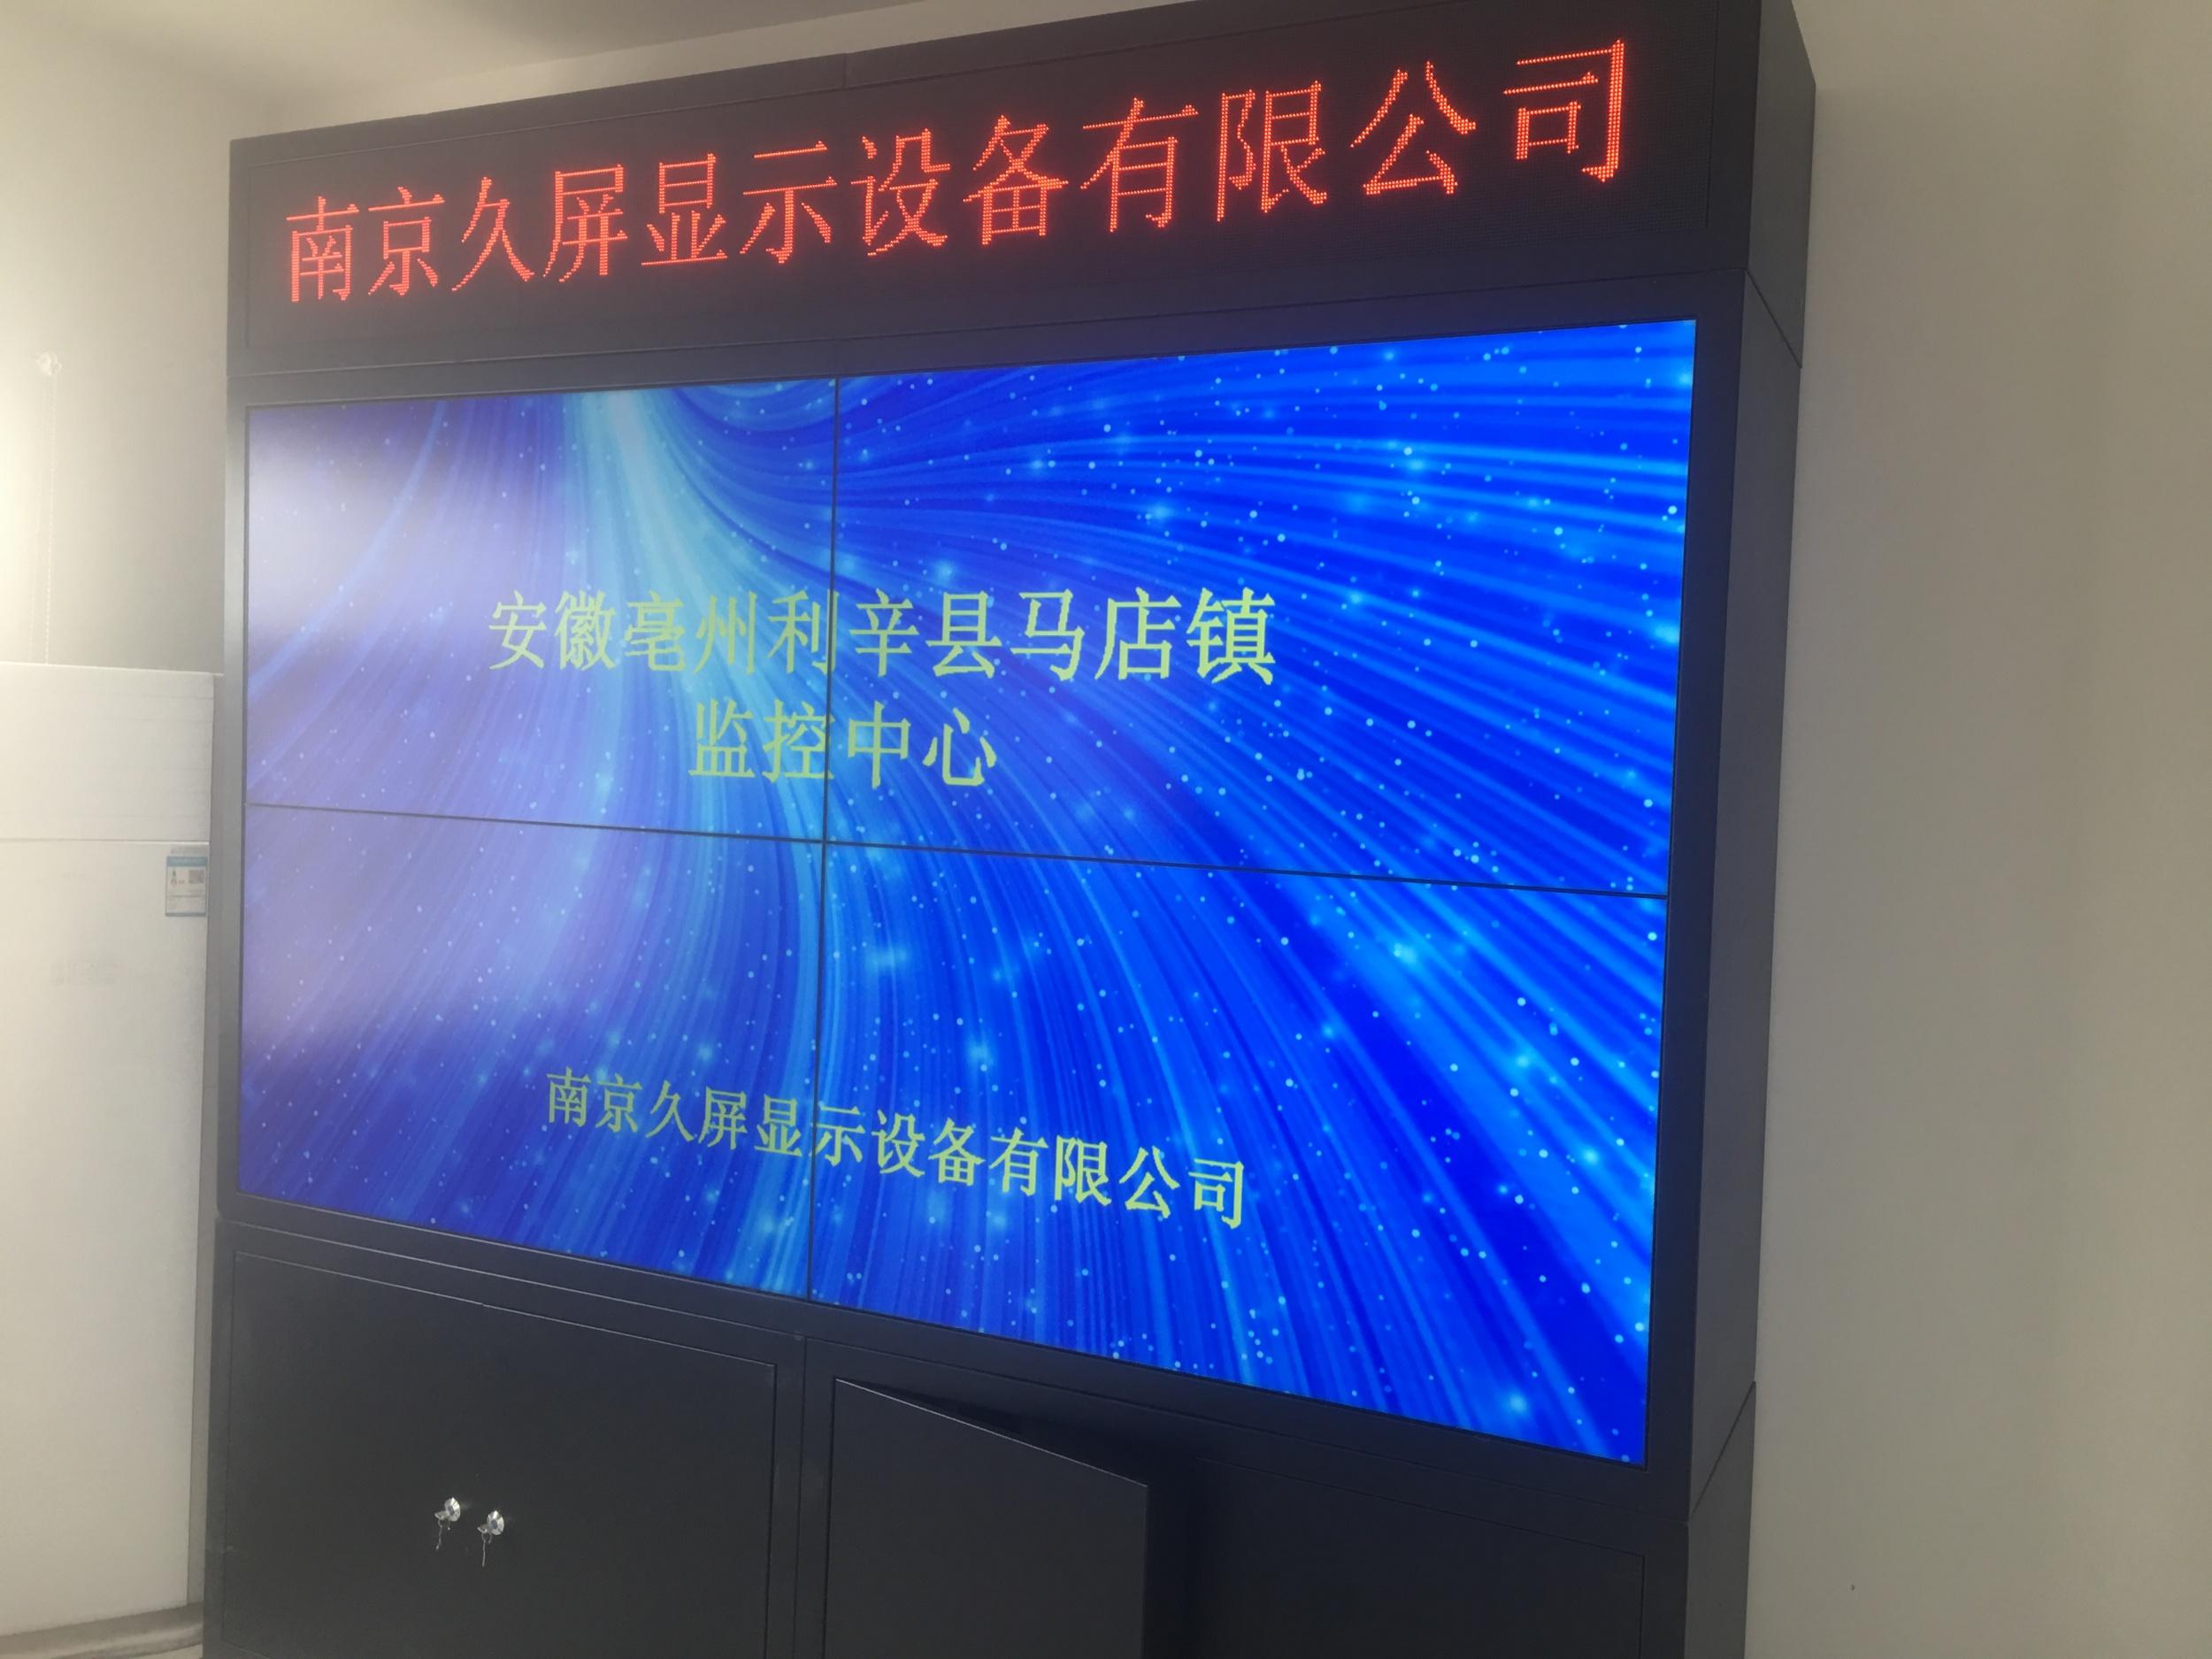 久屏显示55寸液晶拼接屏应用于安徽利辛马店镇监控中心